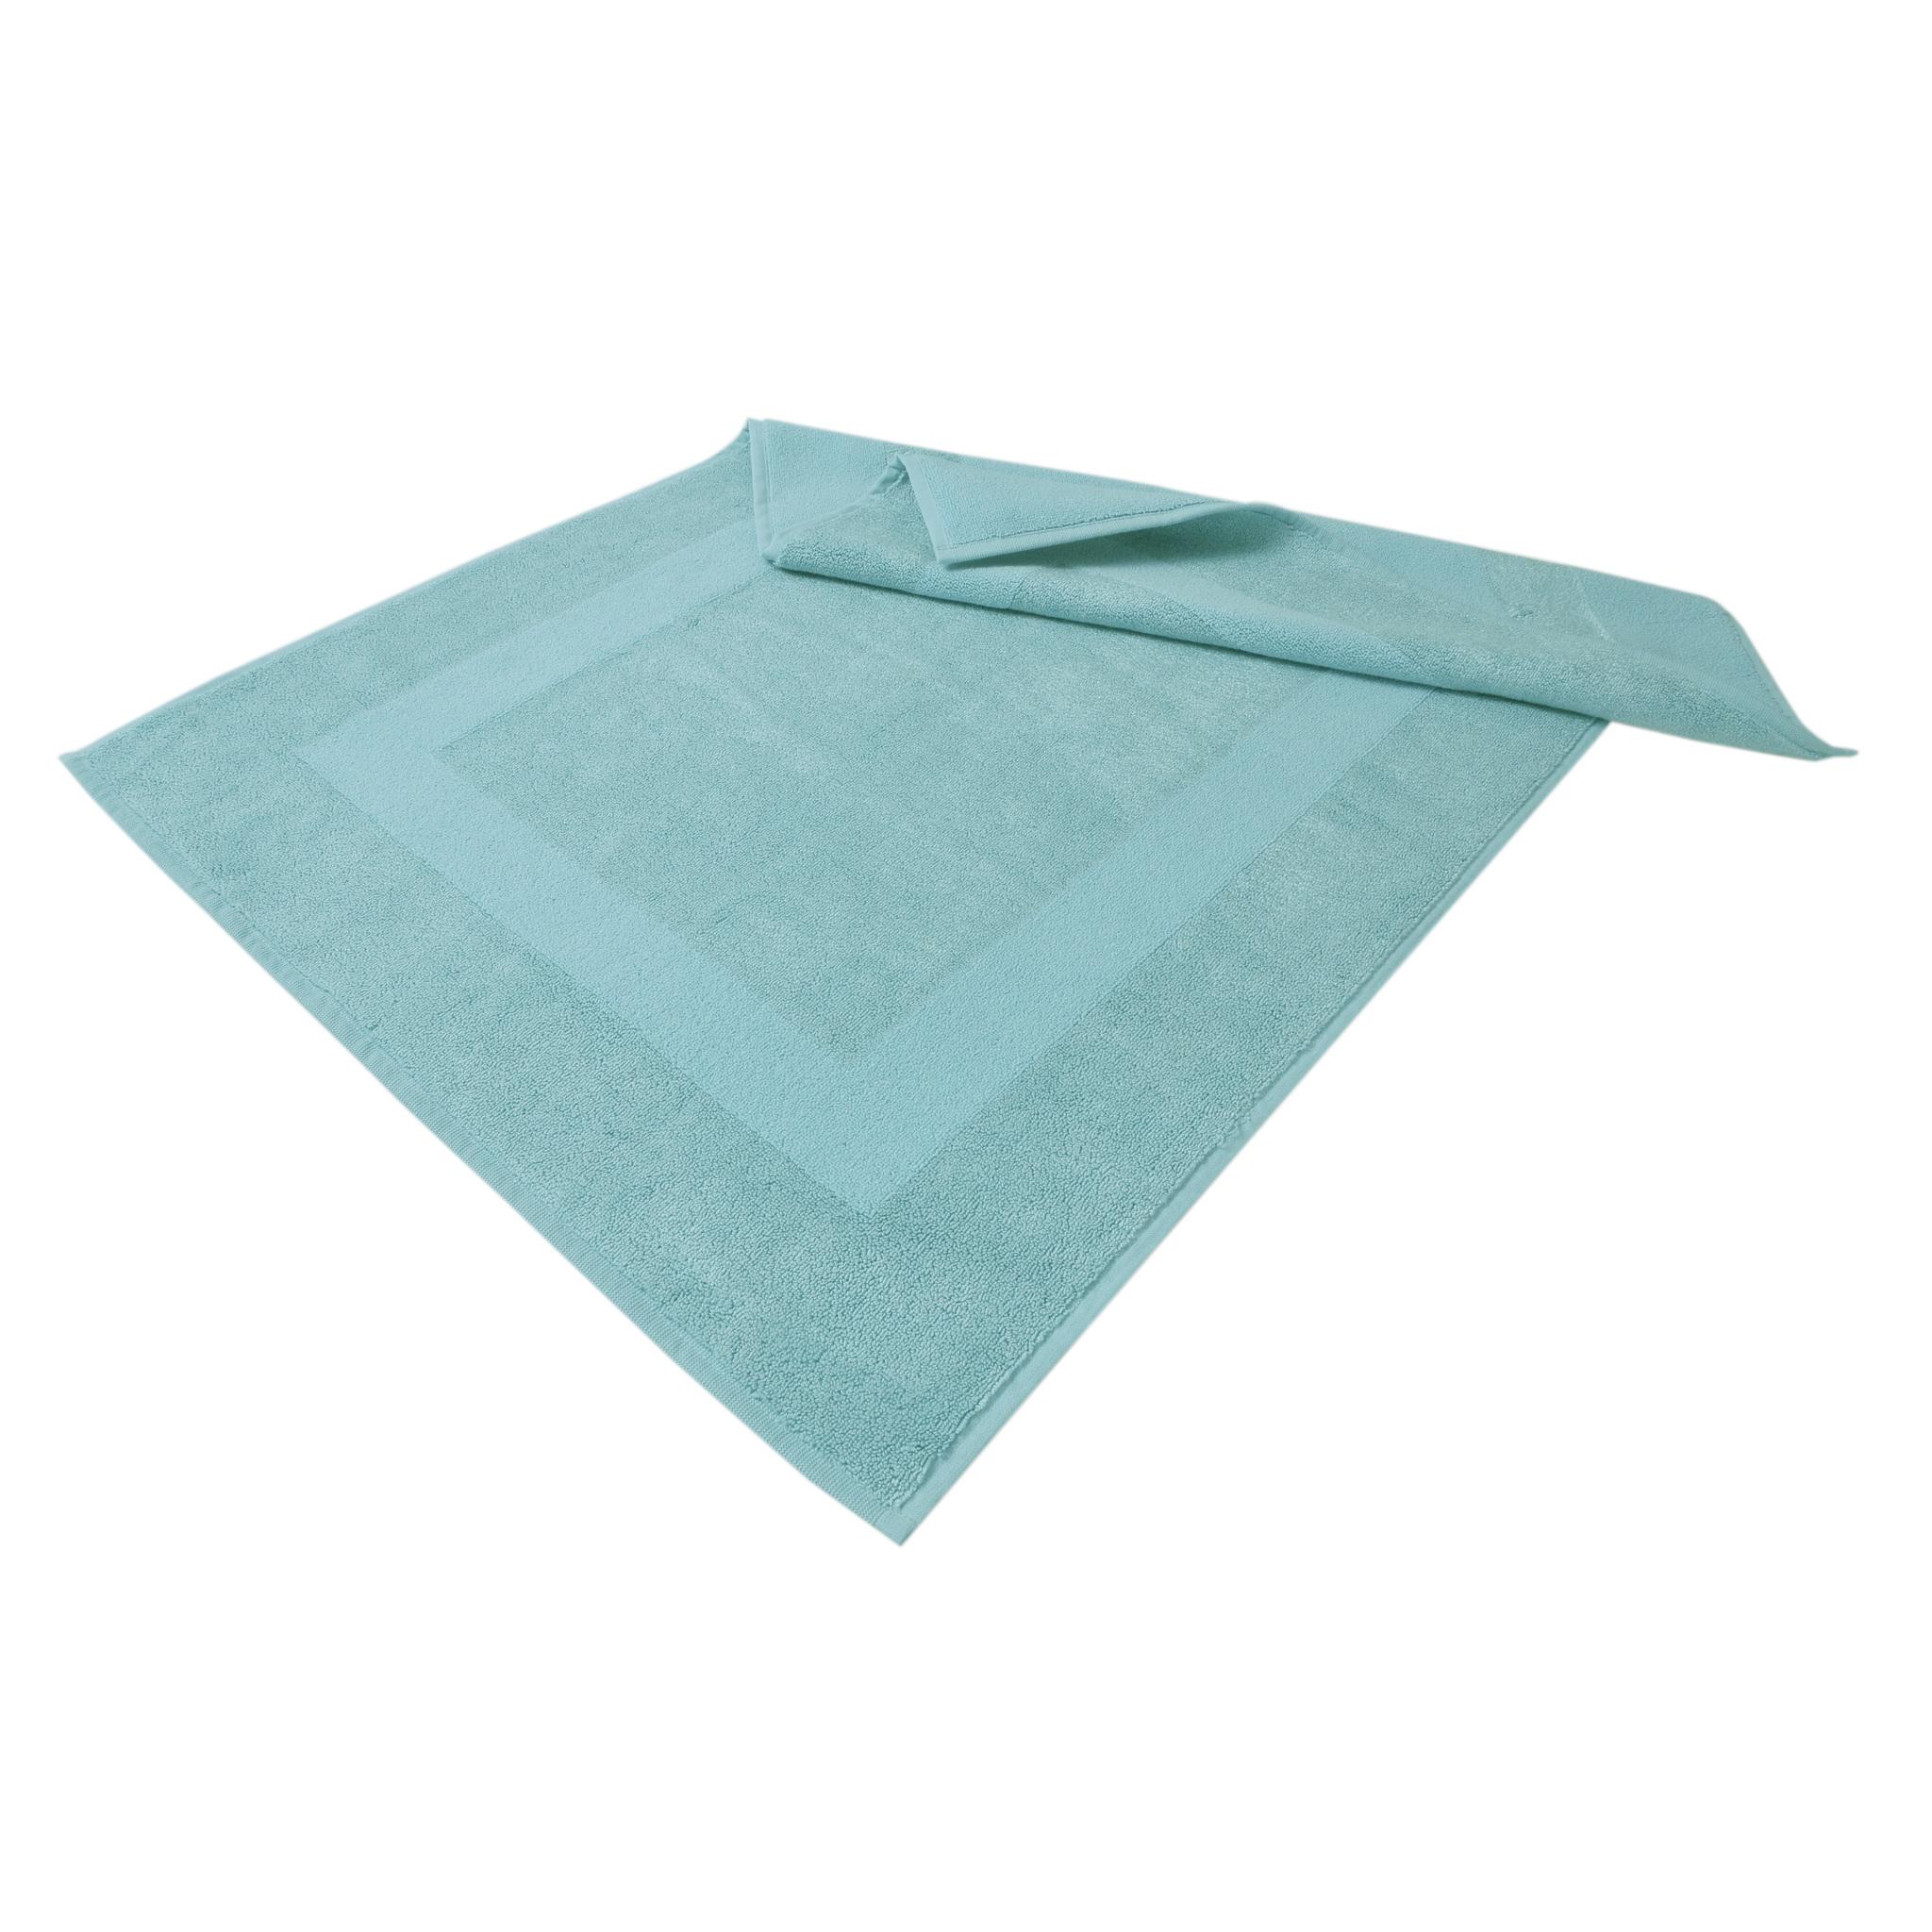 Элитный коврик для ванной Glam голубой от Hamam